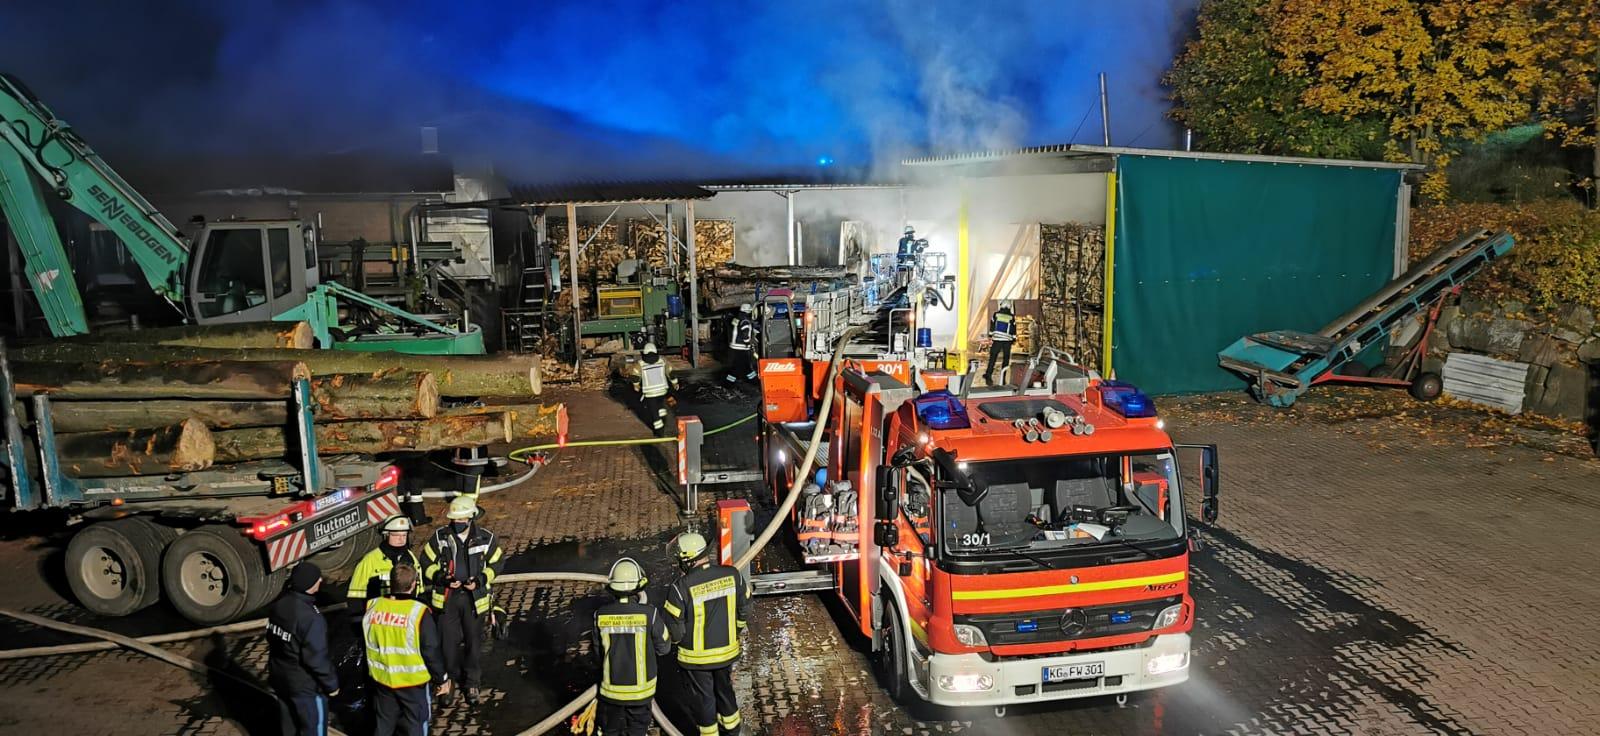 Brand einer Lagerhalle am 22.10.2020 in Zahlbach